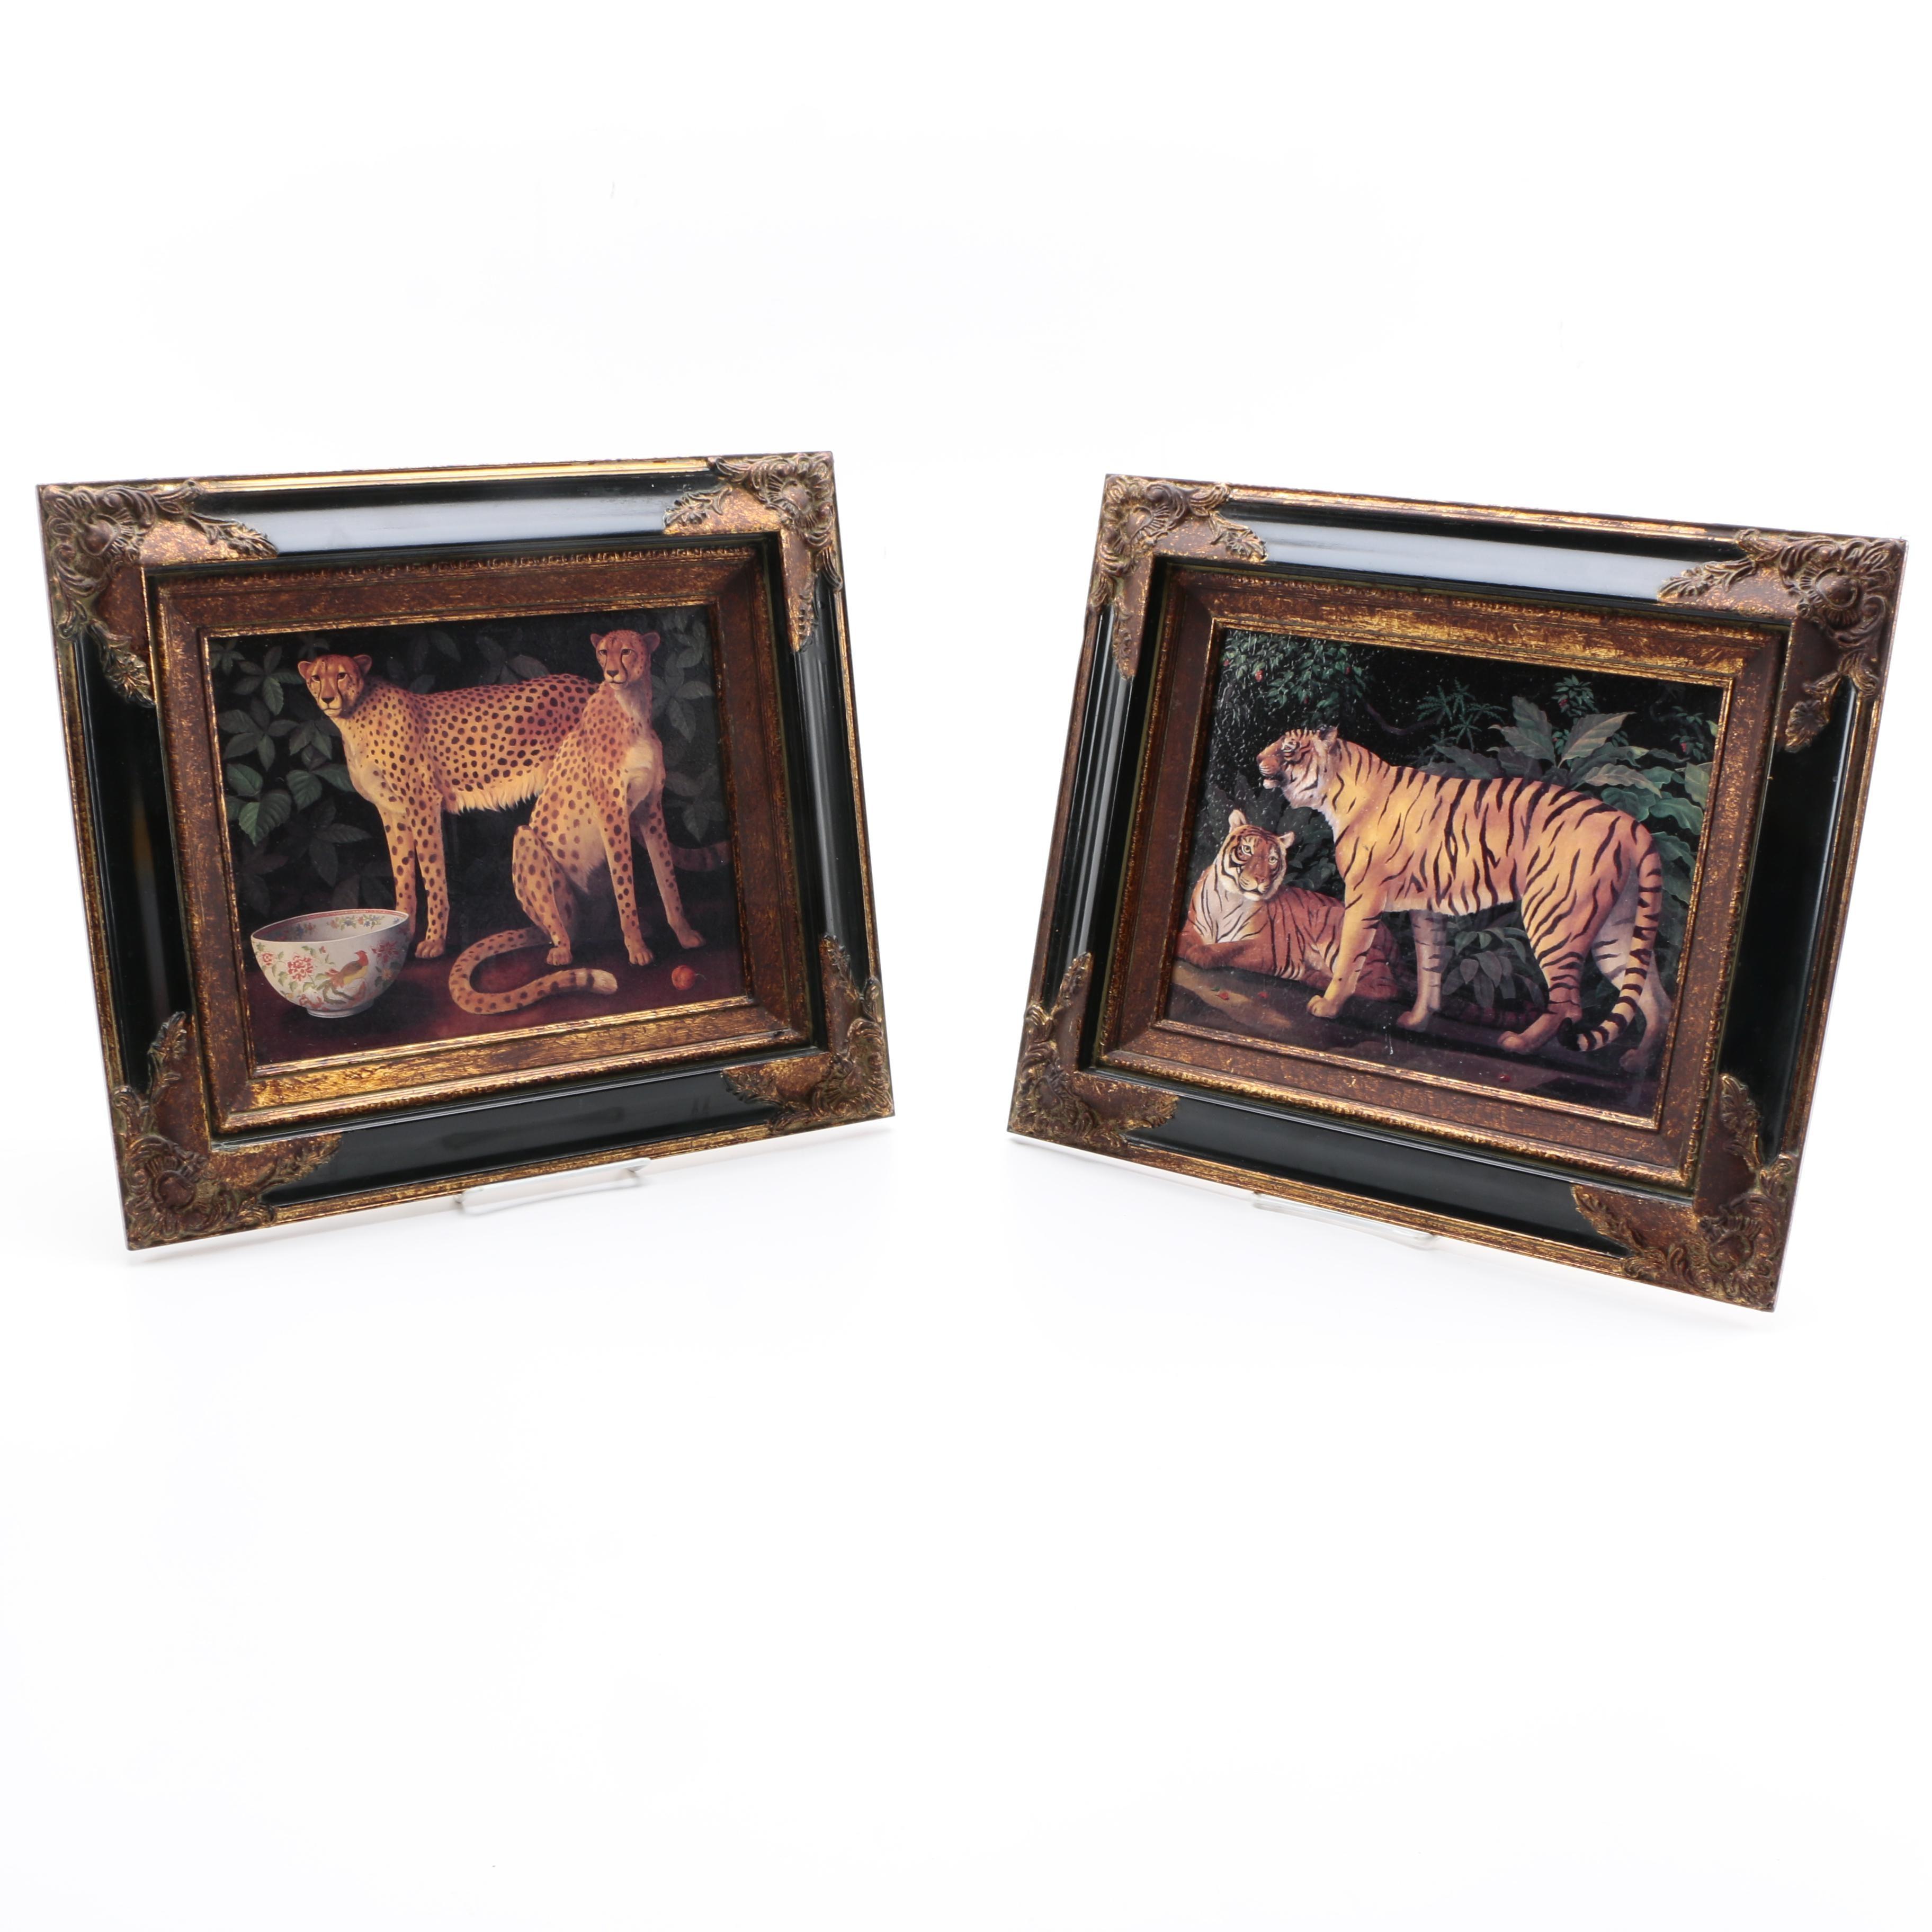 Ballard Designs Framed Offset Lithographs of Big Cats